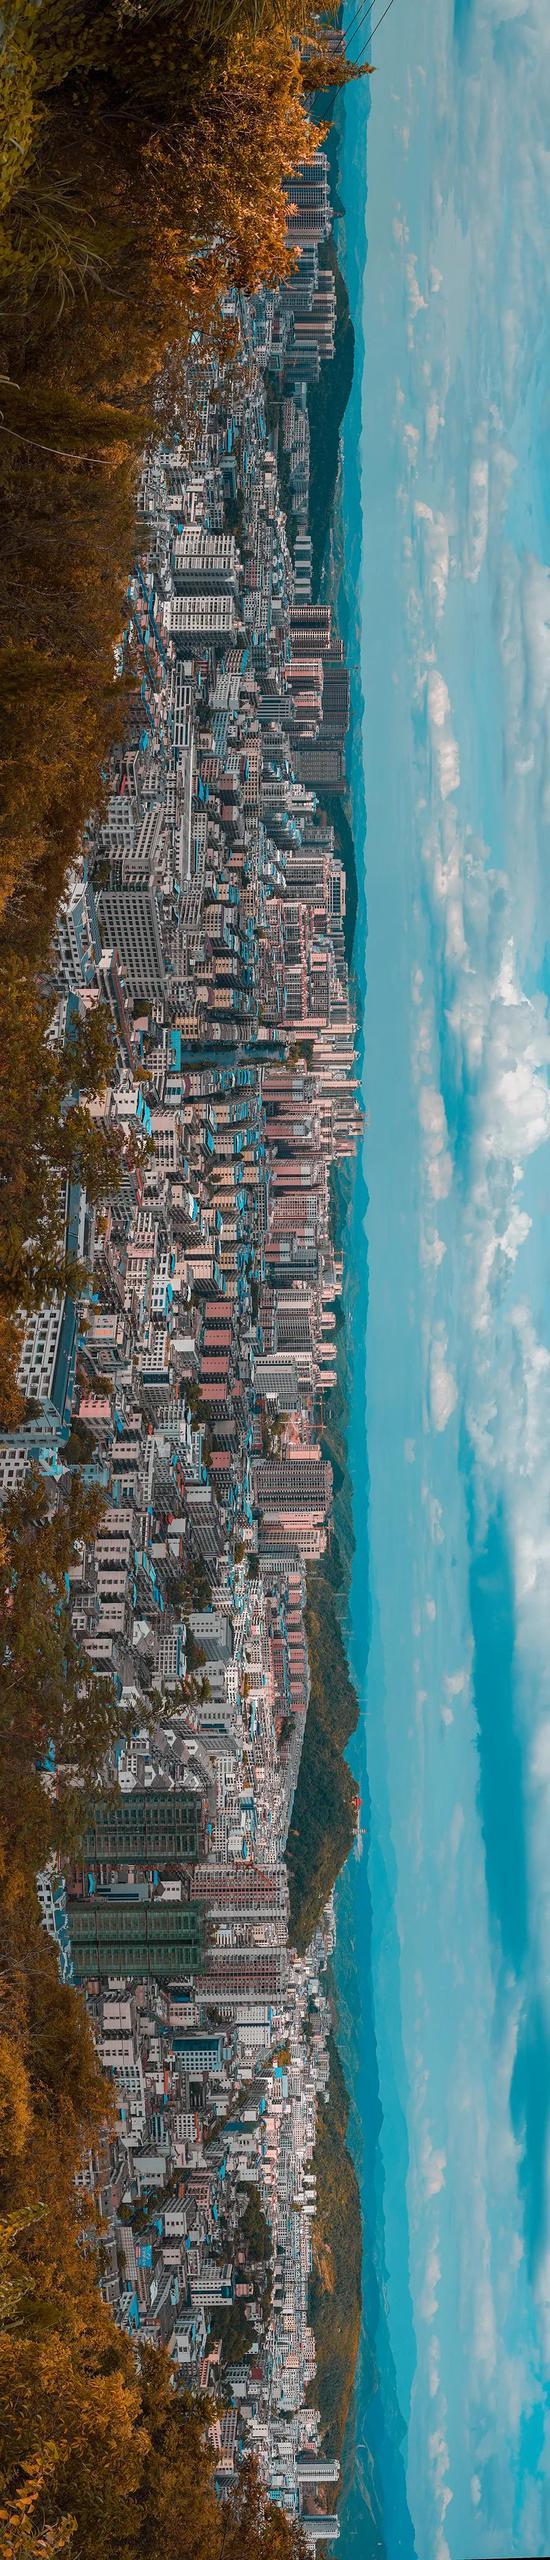 桂阳城区全景 周水清 摄